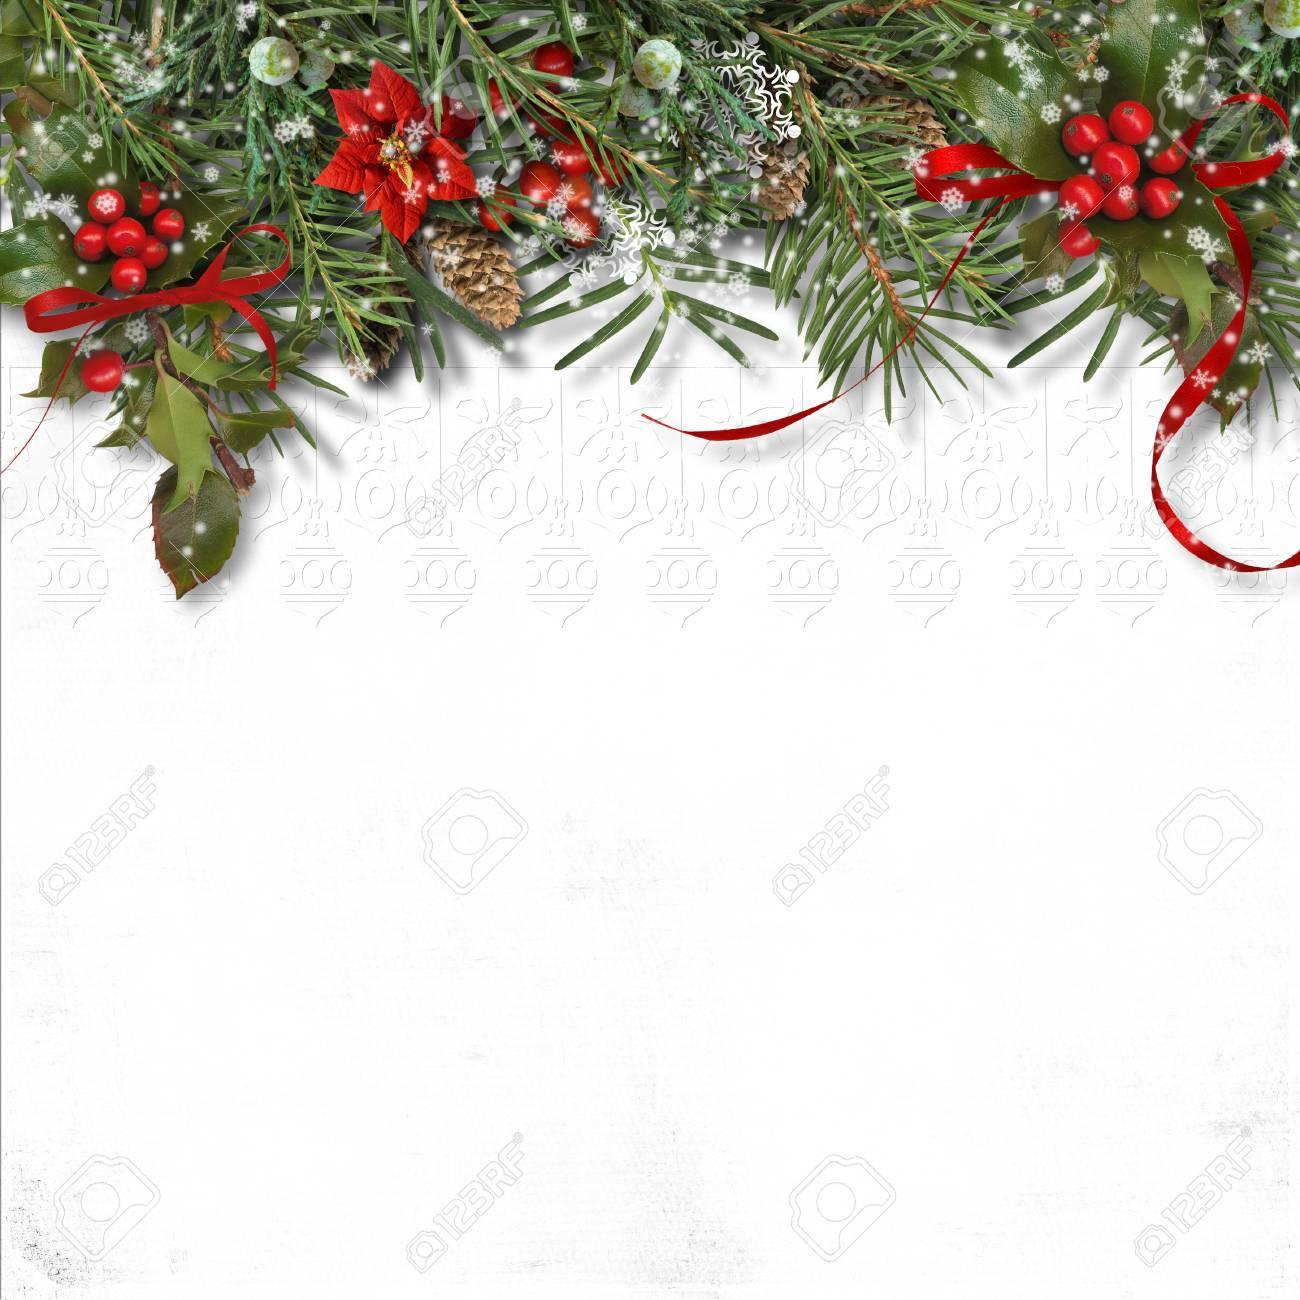 Stella Di Natale Bianca.Bordo Di Natale Con L Abete L Agrifoglio E La Stella Di Natale Su Priorita Bassa Bianca